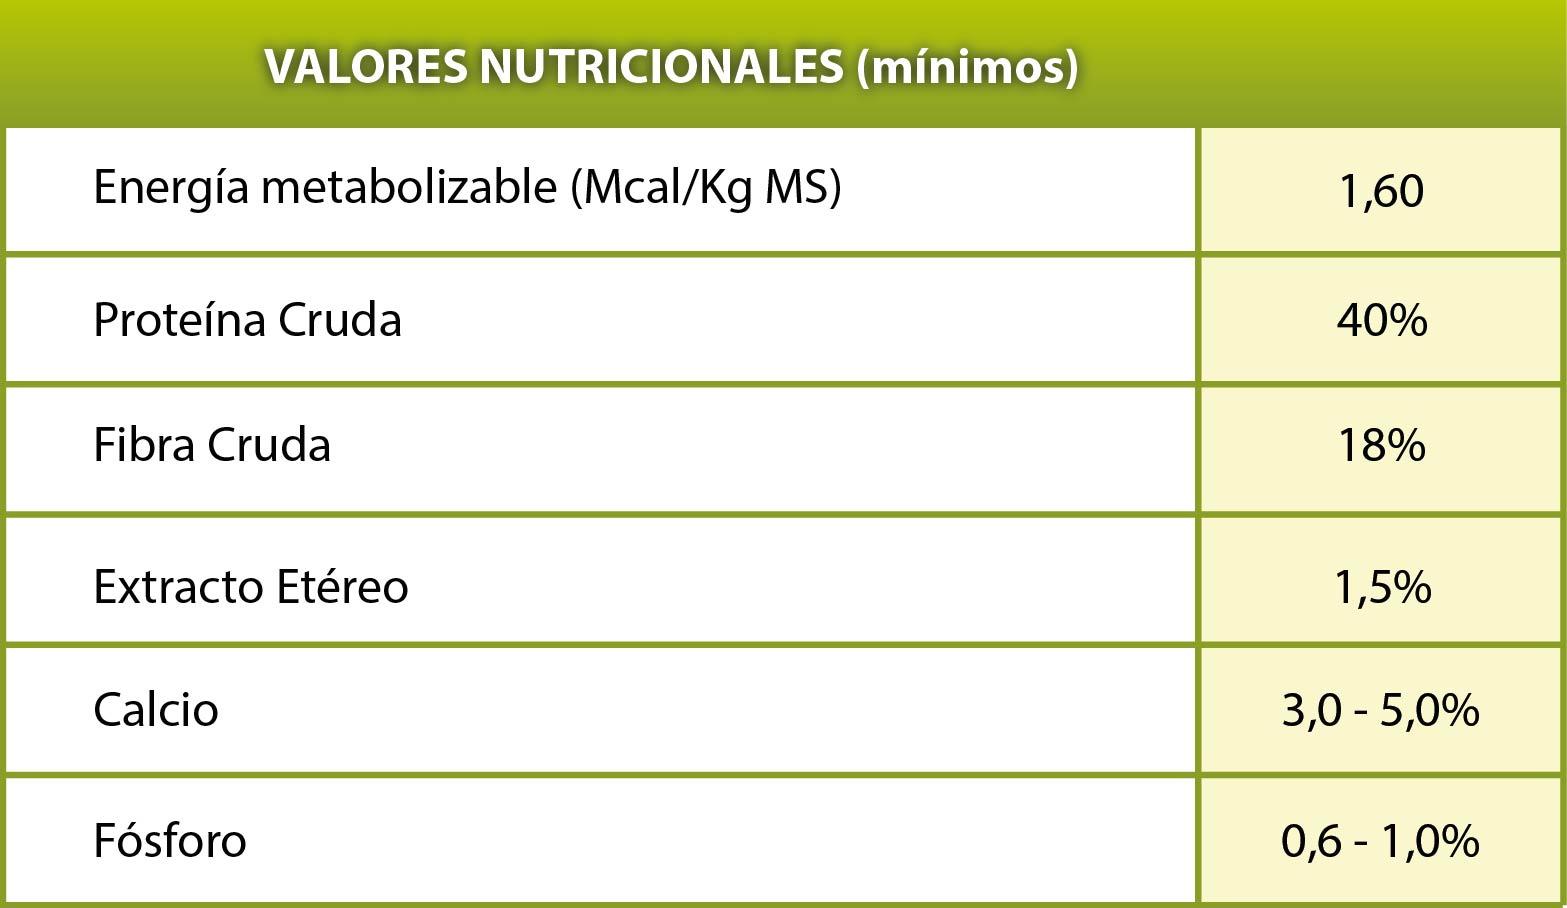 tablaNucleosProteicos